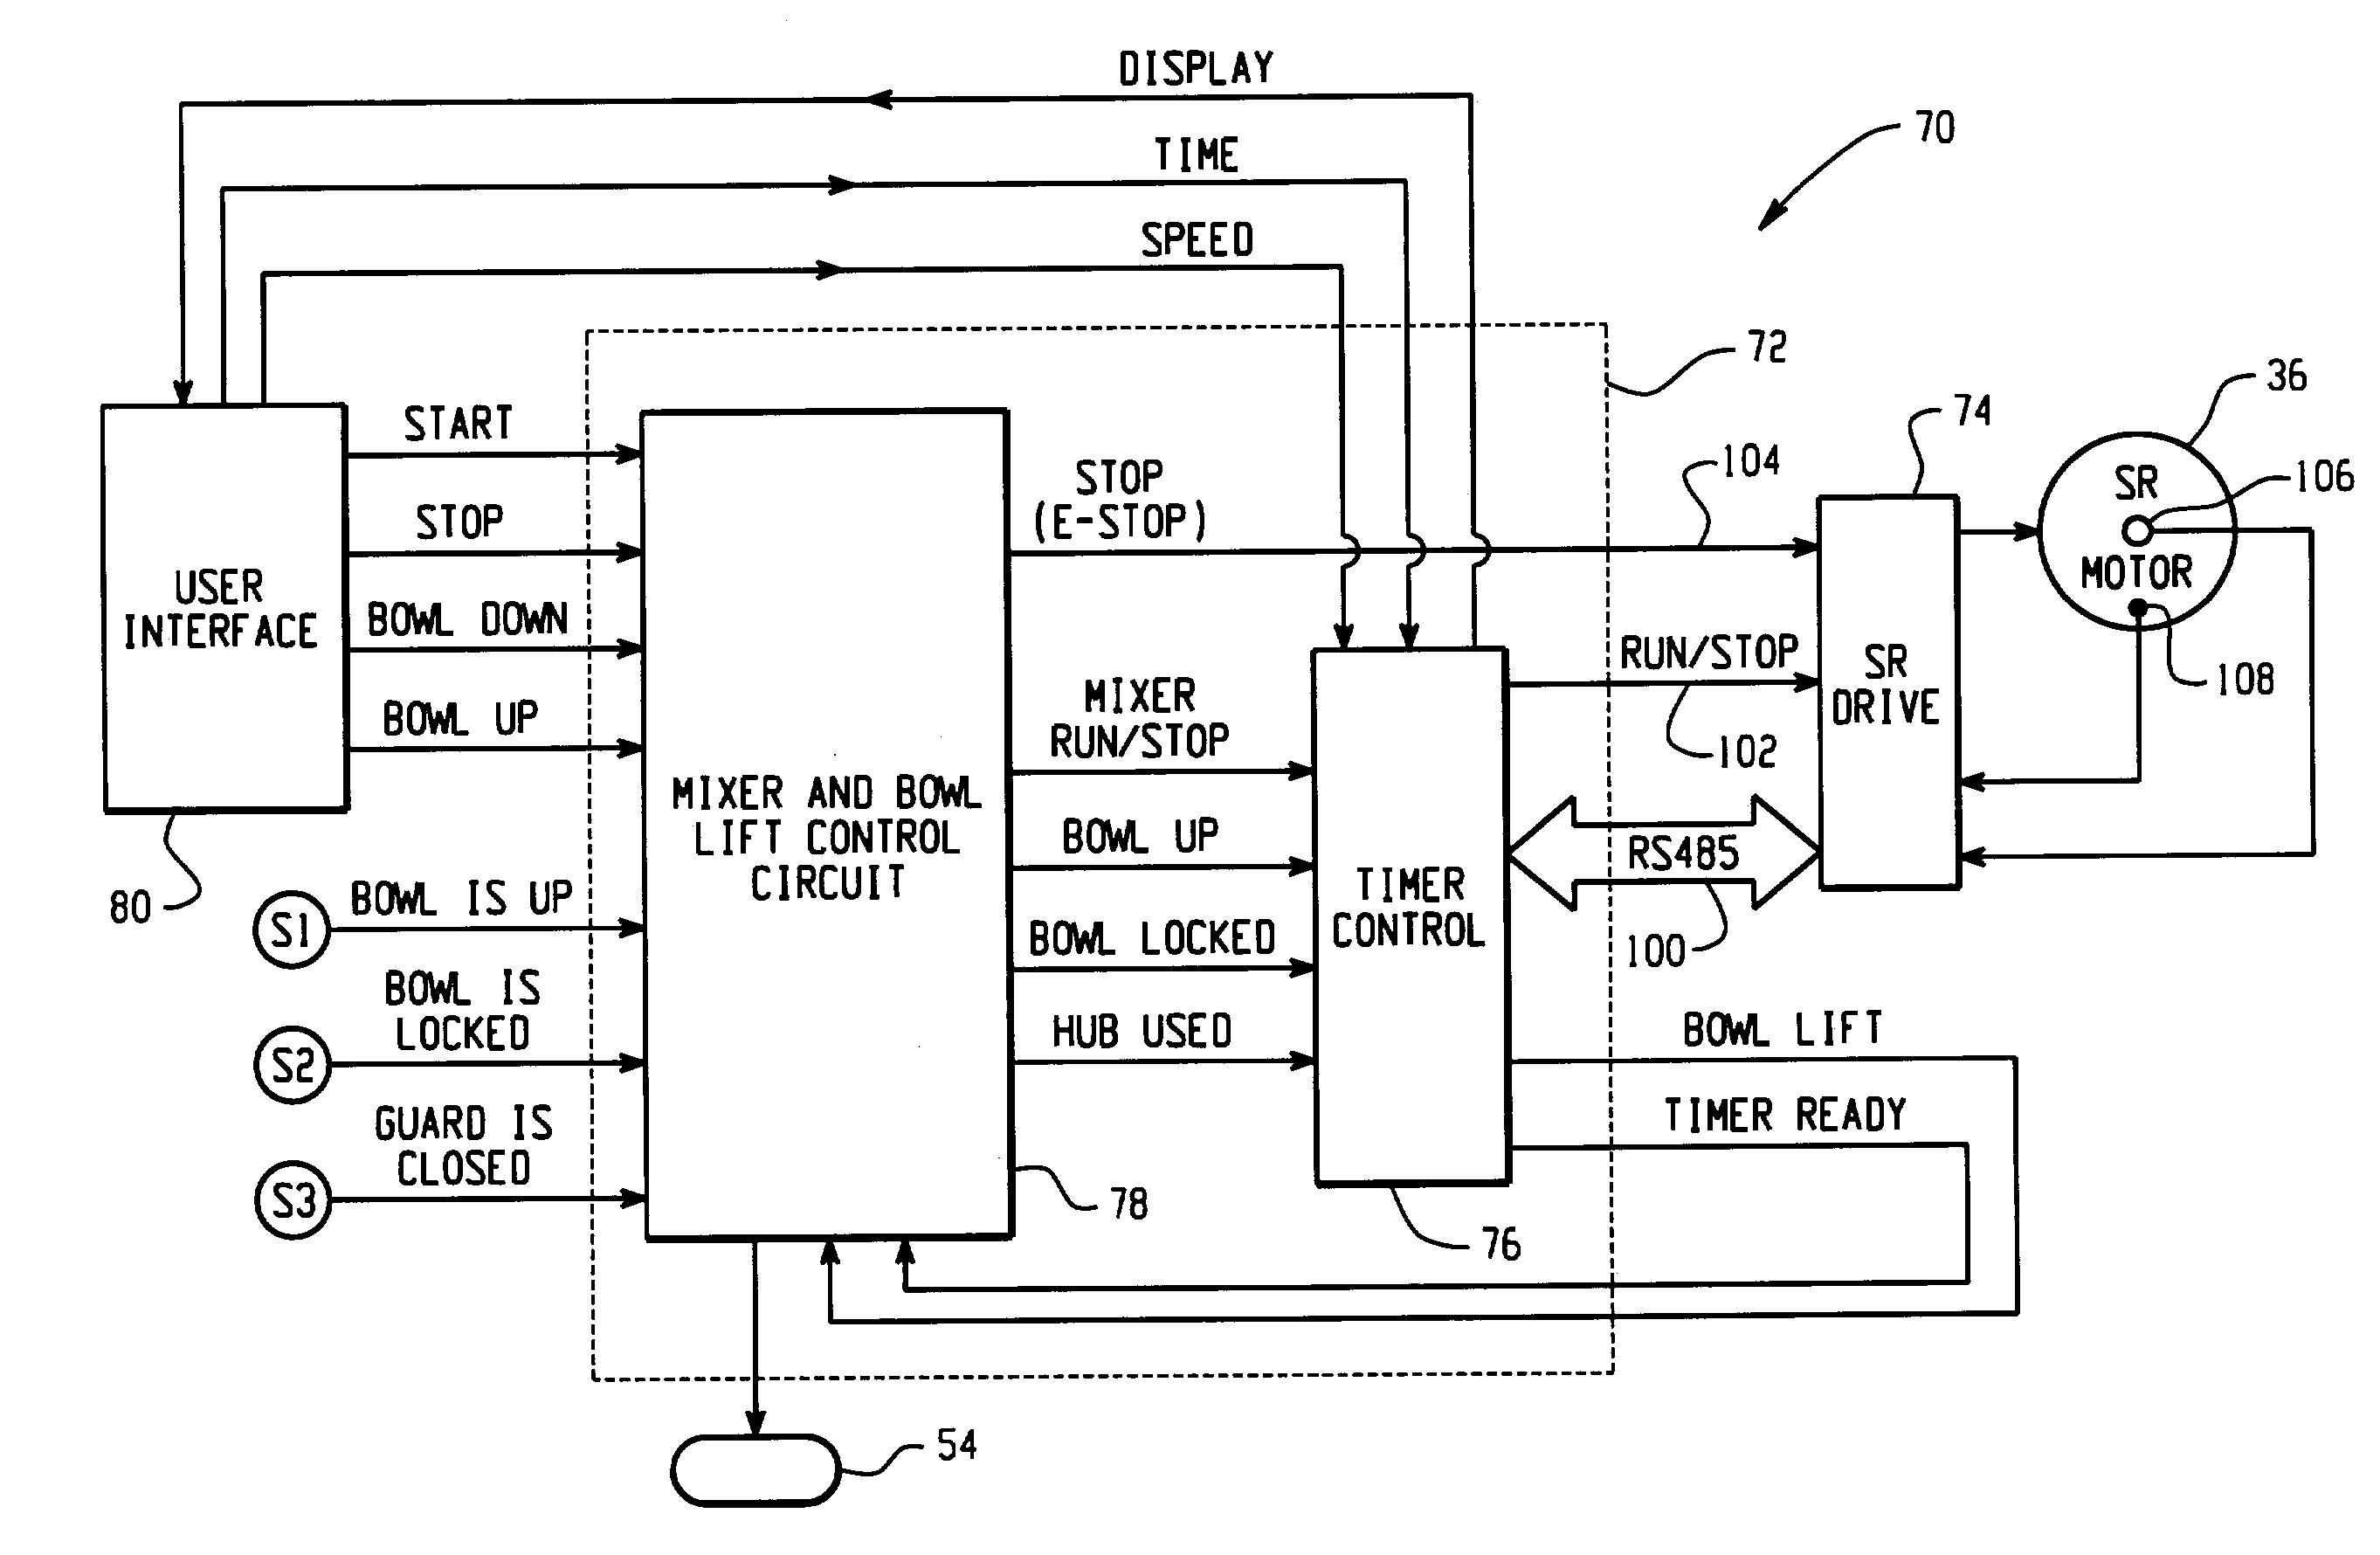 Hobart Mixer Wiring Diagram Wiring Diagram